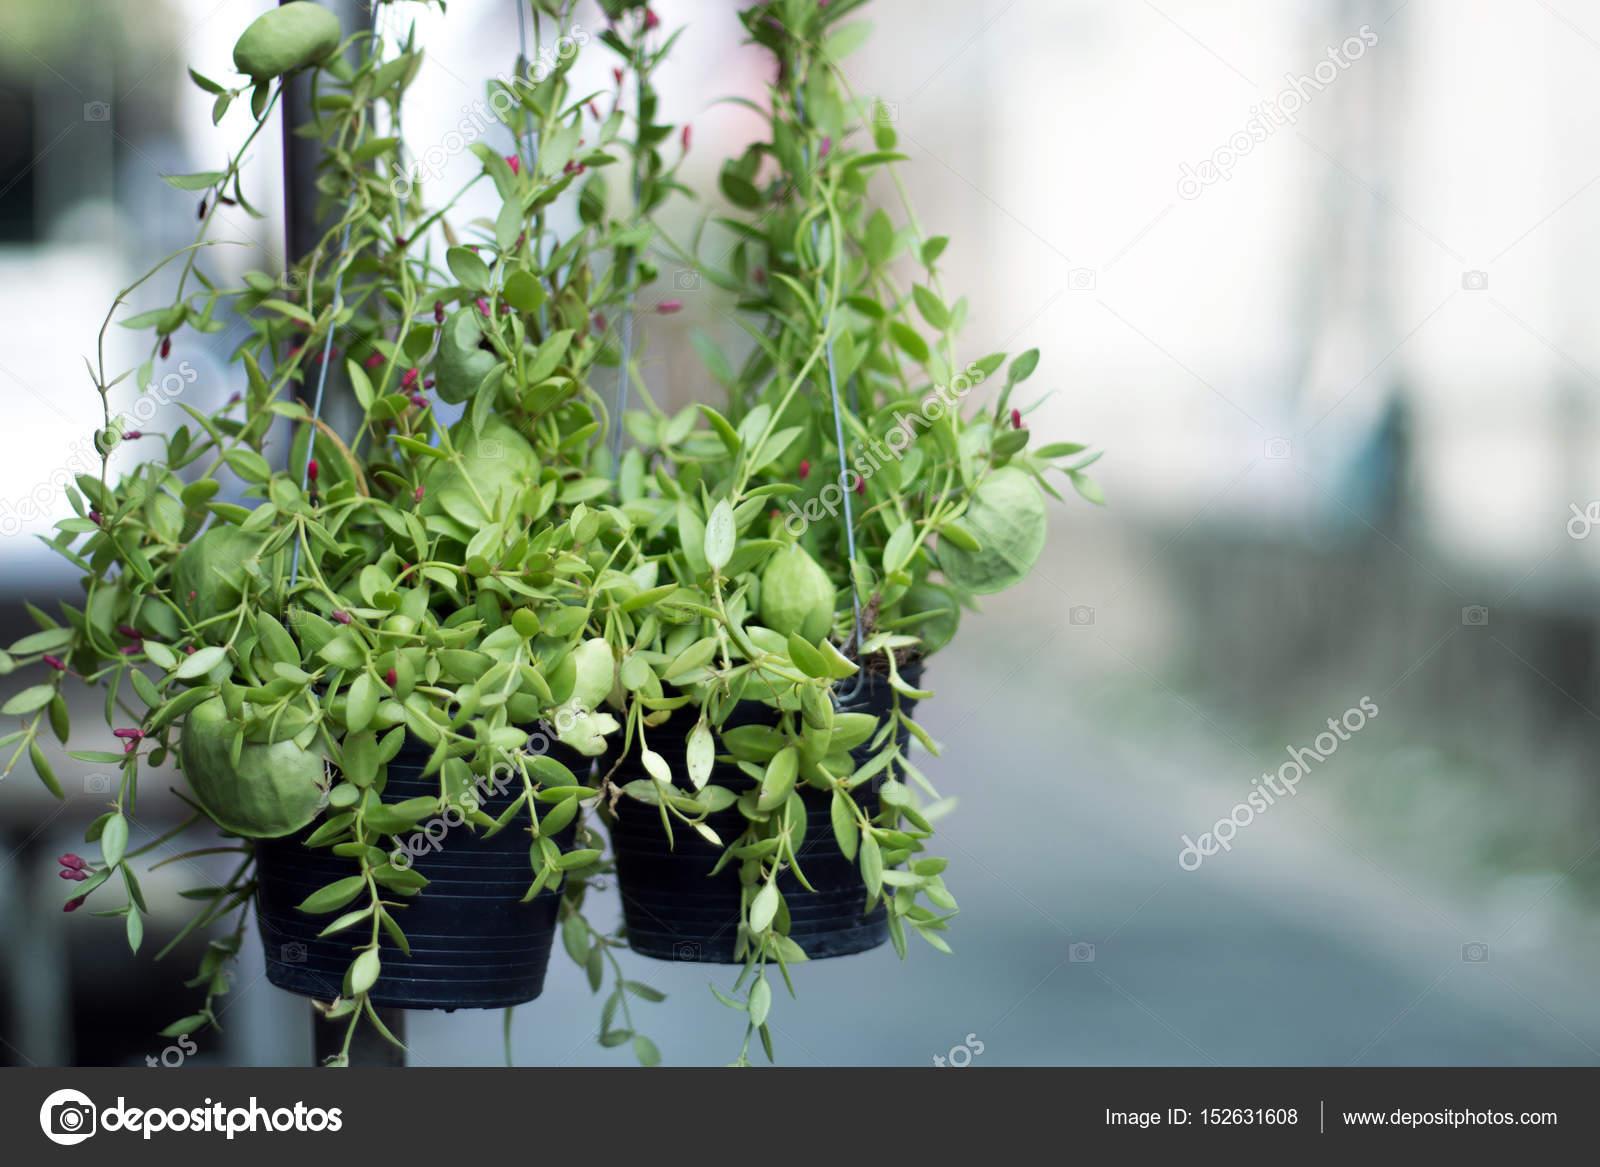 planta de hormigas en el jardín — Foto de stock © yanukit #152631608